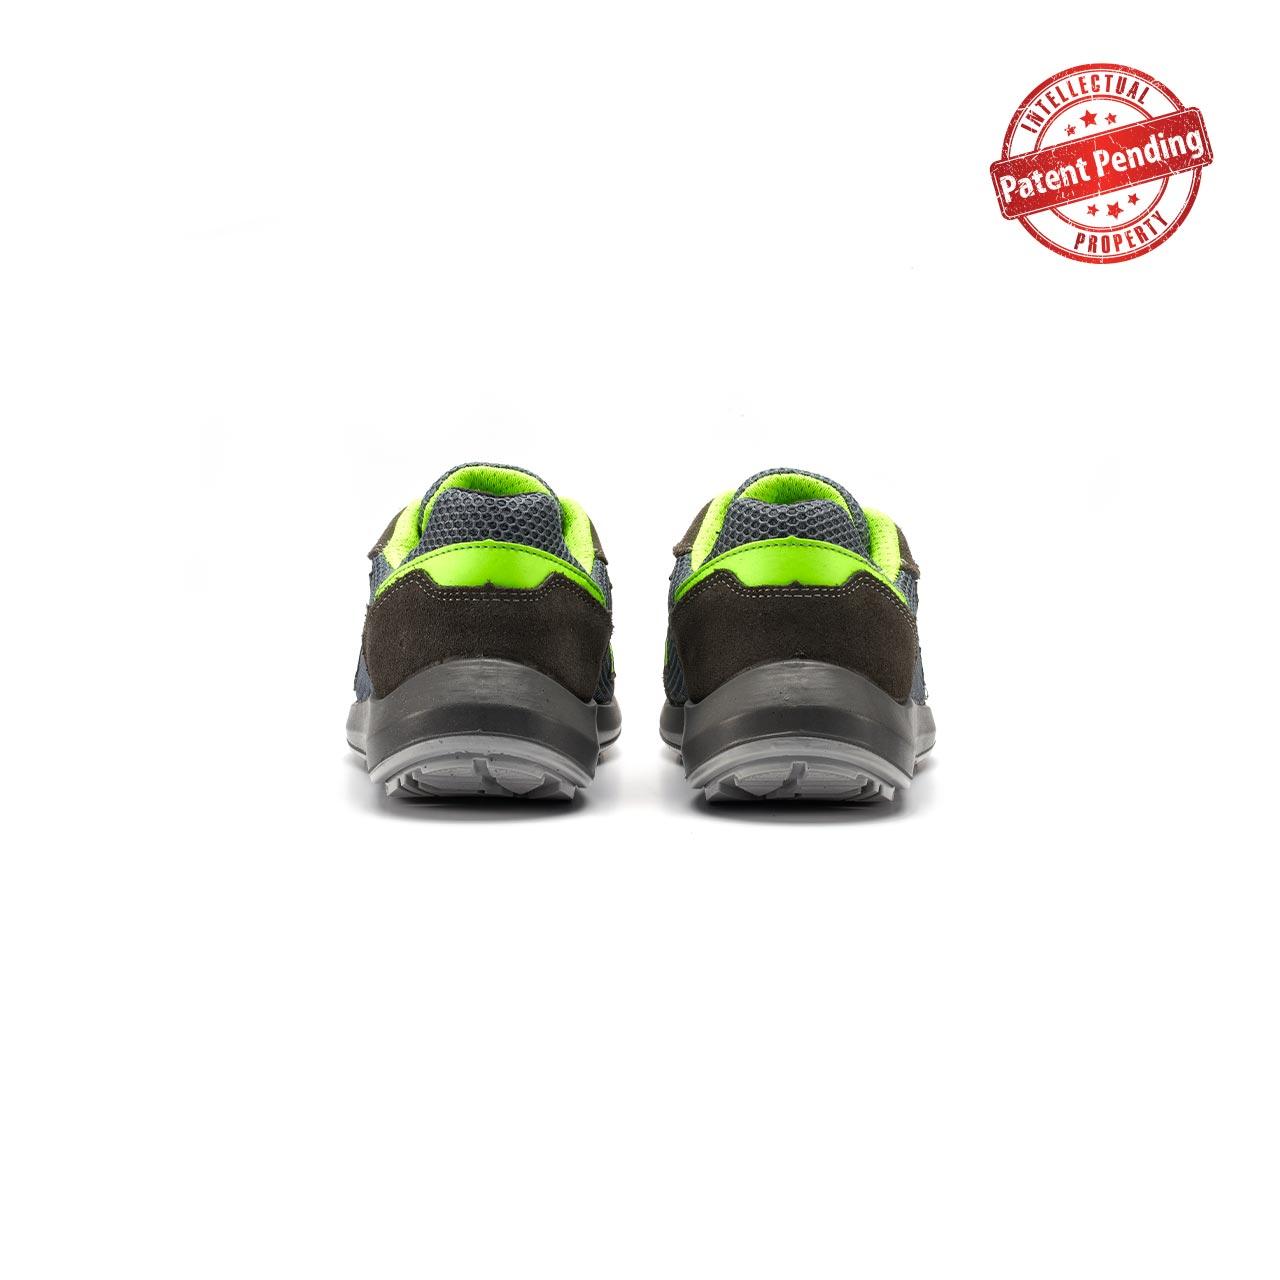 paio di scarpe antinfortunistiche upower modello gemini linea redup vista retro